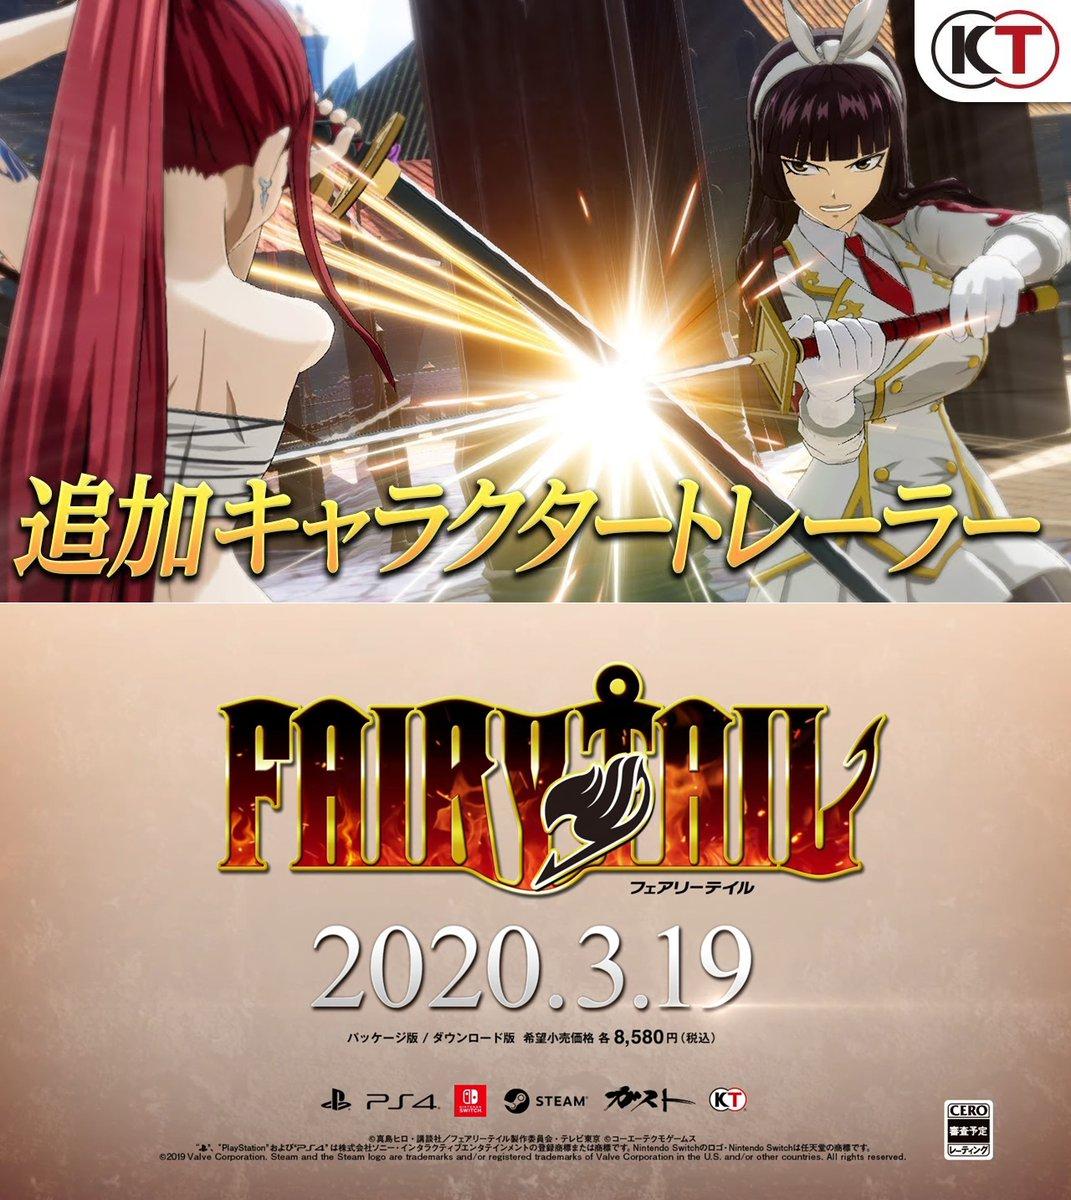 EKn4S2 UUAAqCEa - ガスト最新作『フェアリーテイル』2020年3月19日発売日決定!価格は8580円